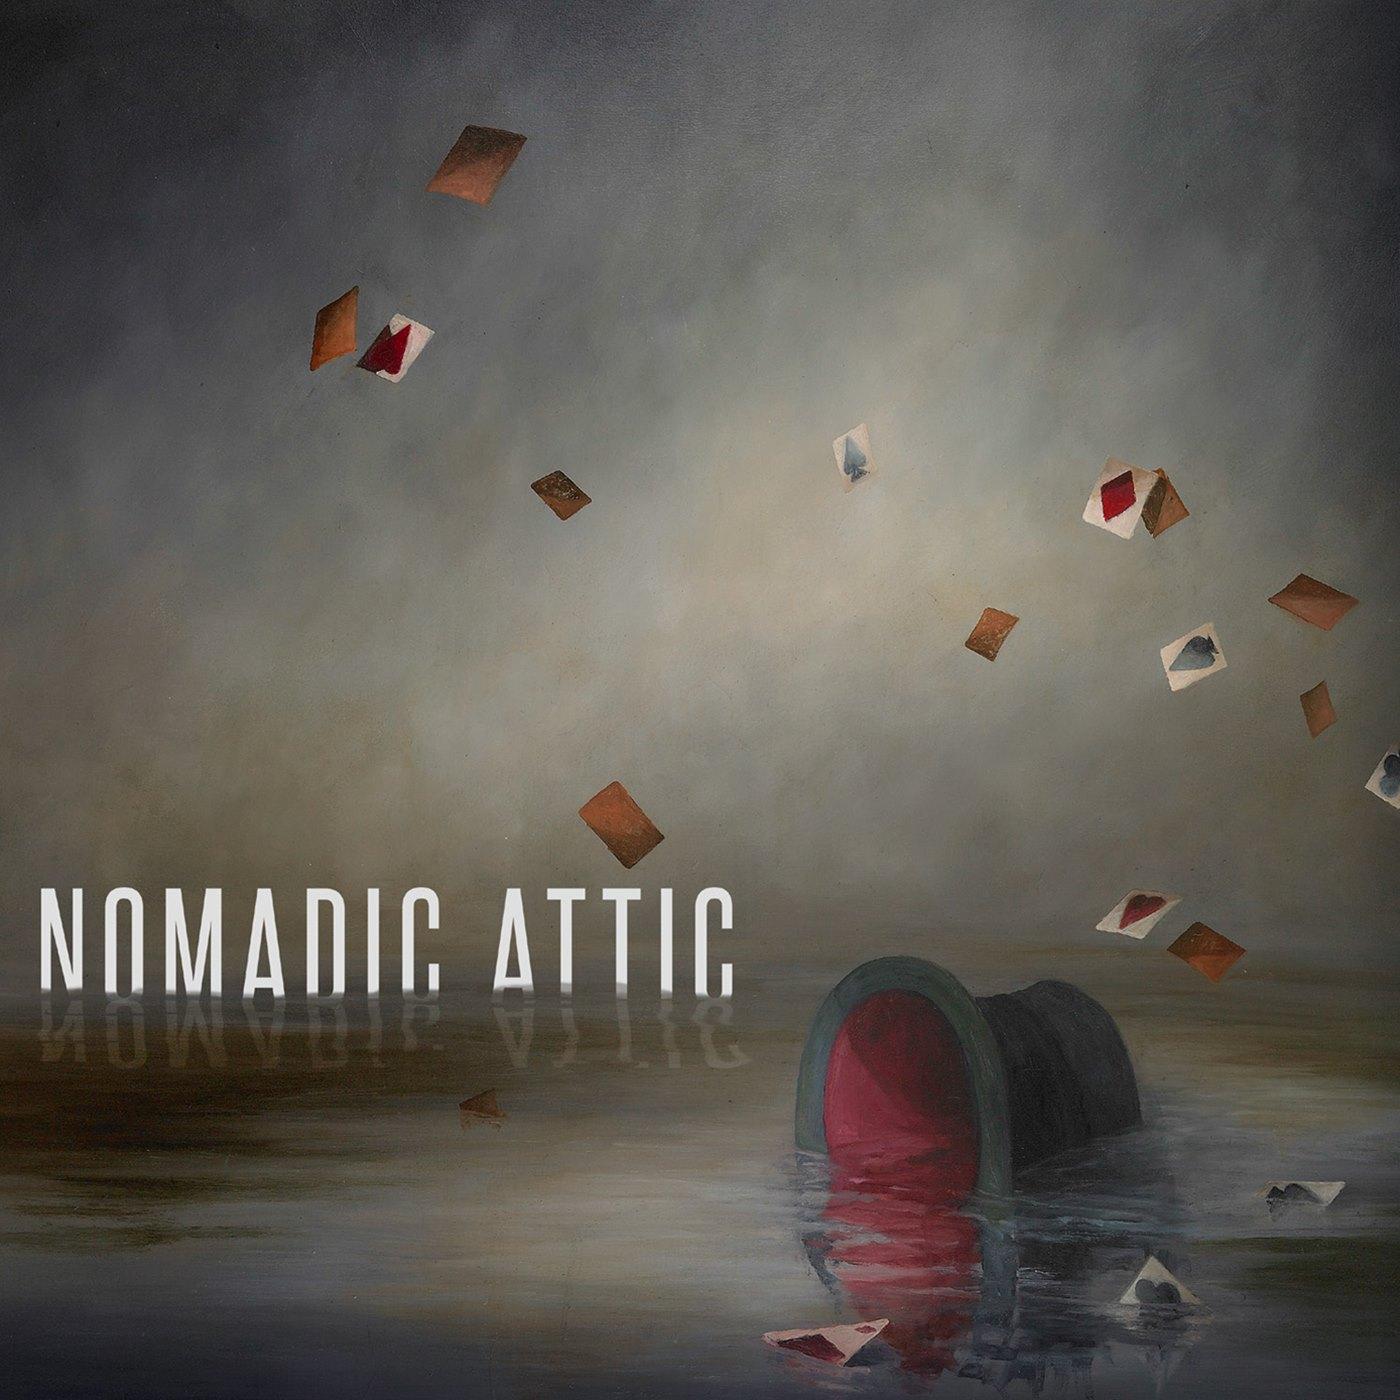 Nomadic Attic – Nomadic Attic EP